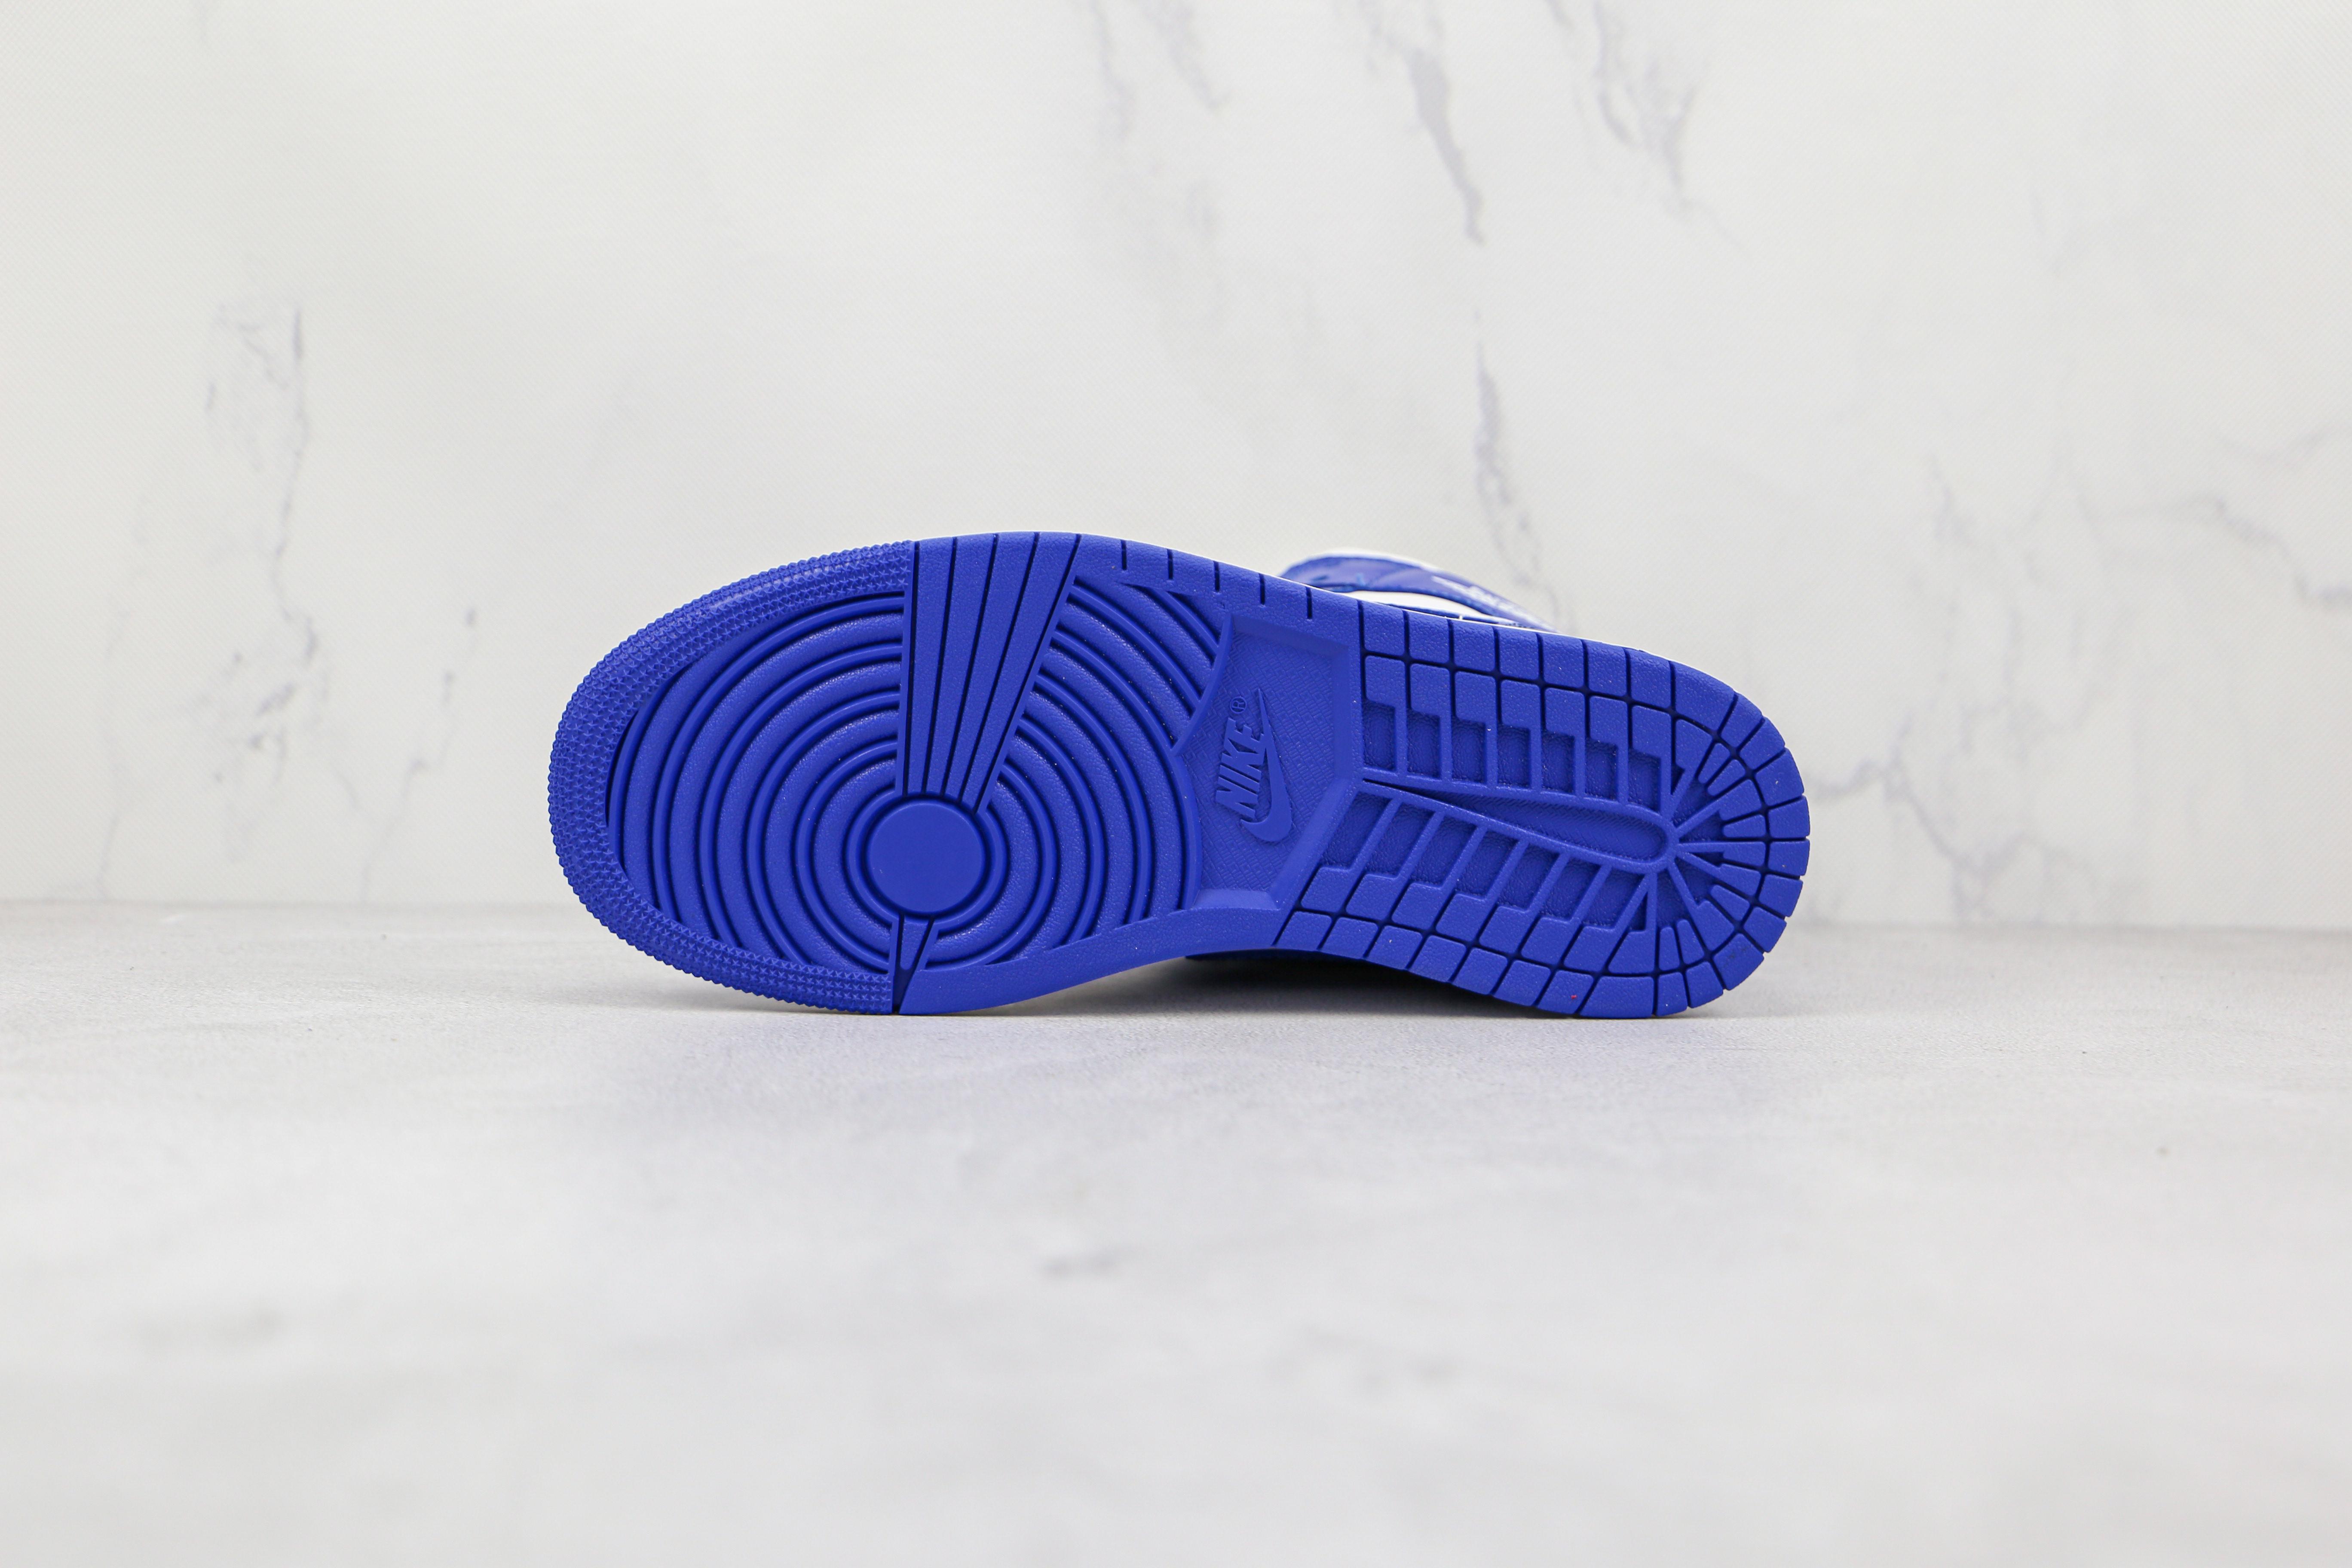 """原厂 AJ1 Mid 中帮 肯塔基蓝 白蓝色  Air Jordan 1 Mid """"Hyper Royal 货号:BQ6472 104 市售最强中帮 天花板品质!   J21"""